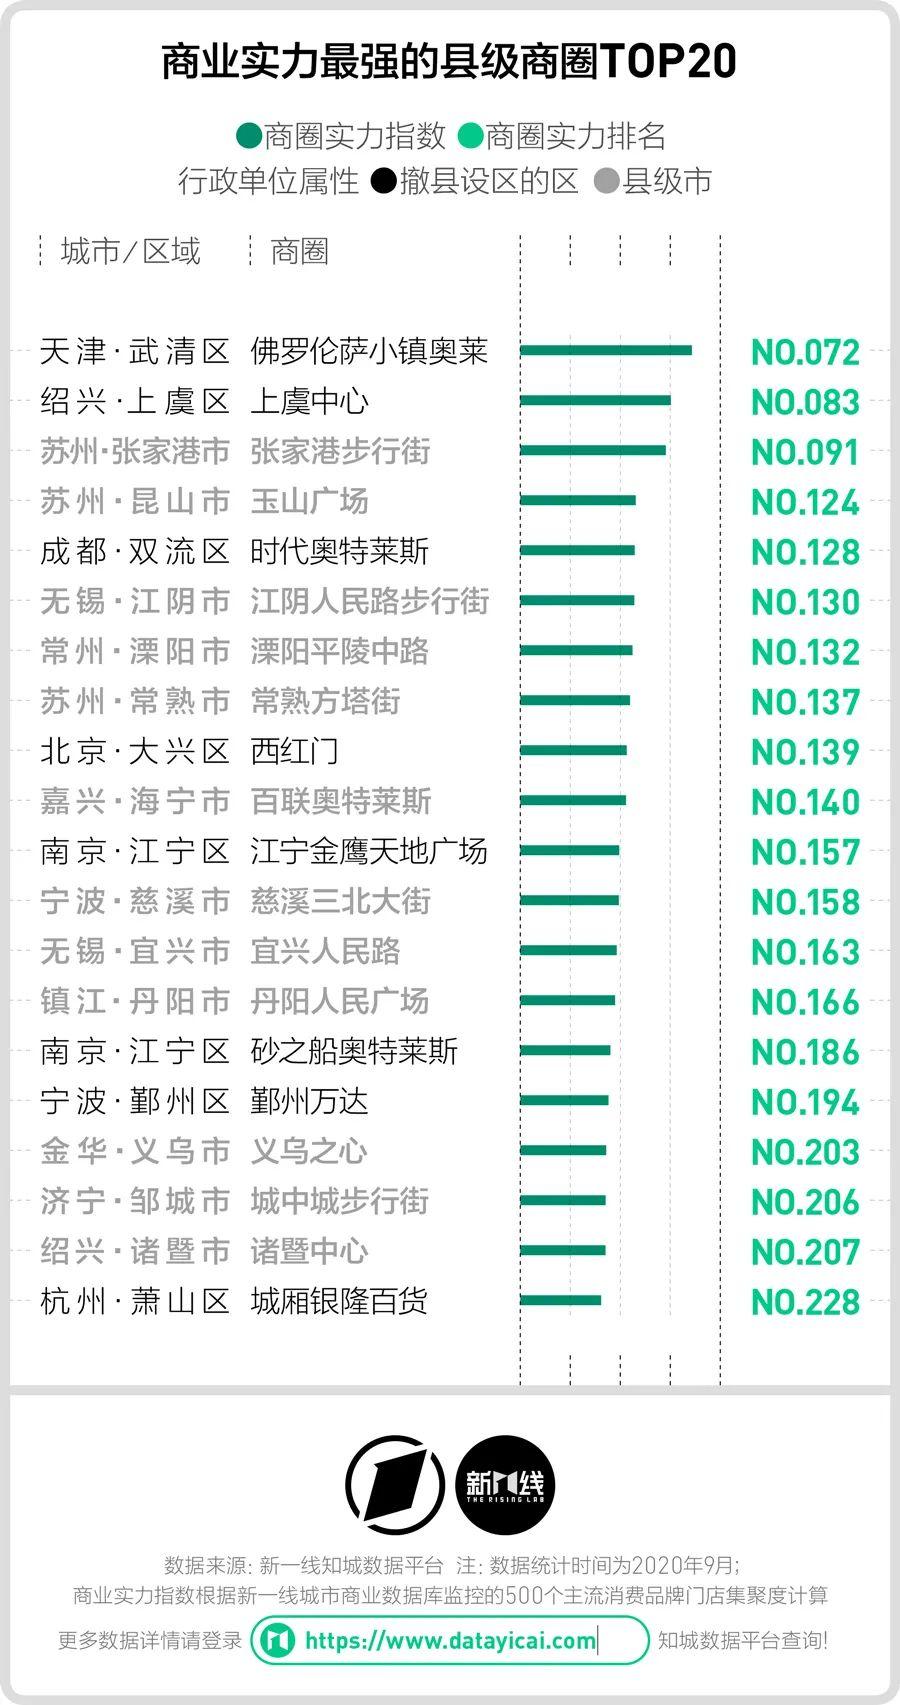 股平易近挨赢索赚讼事:上市公司制假 投资者被判获赚远345万